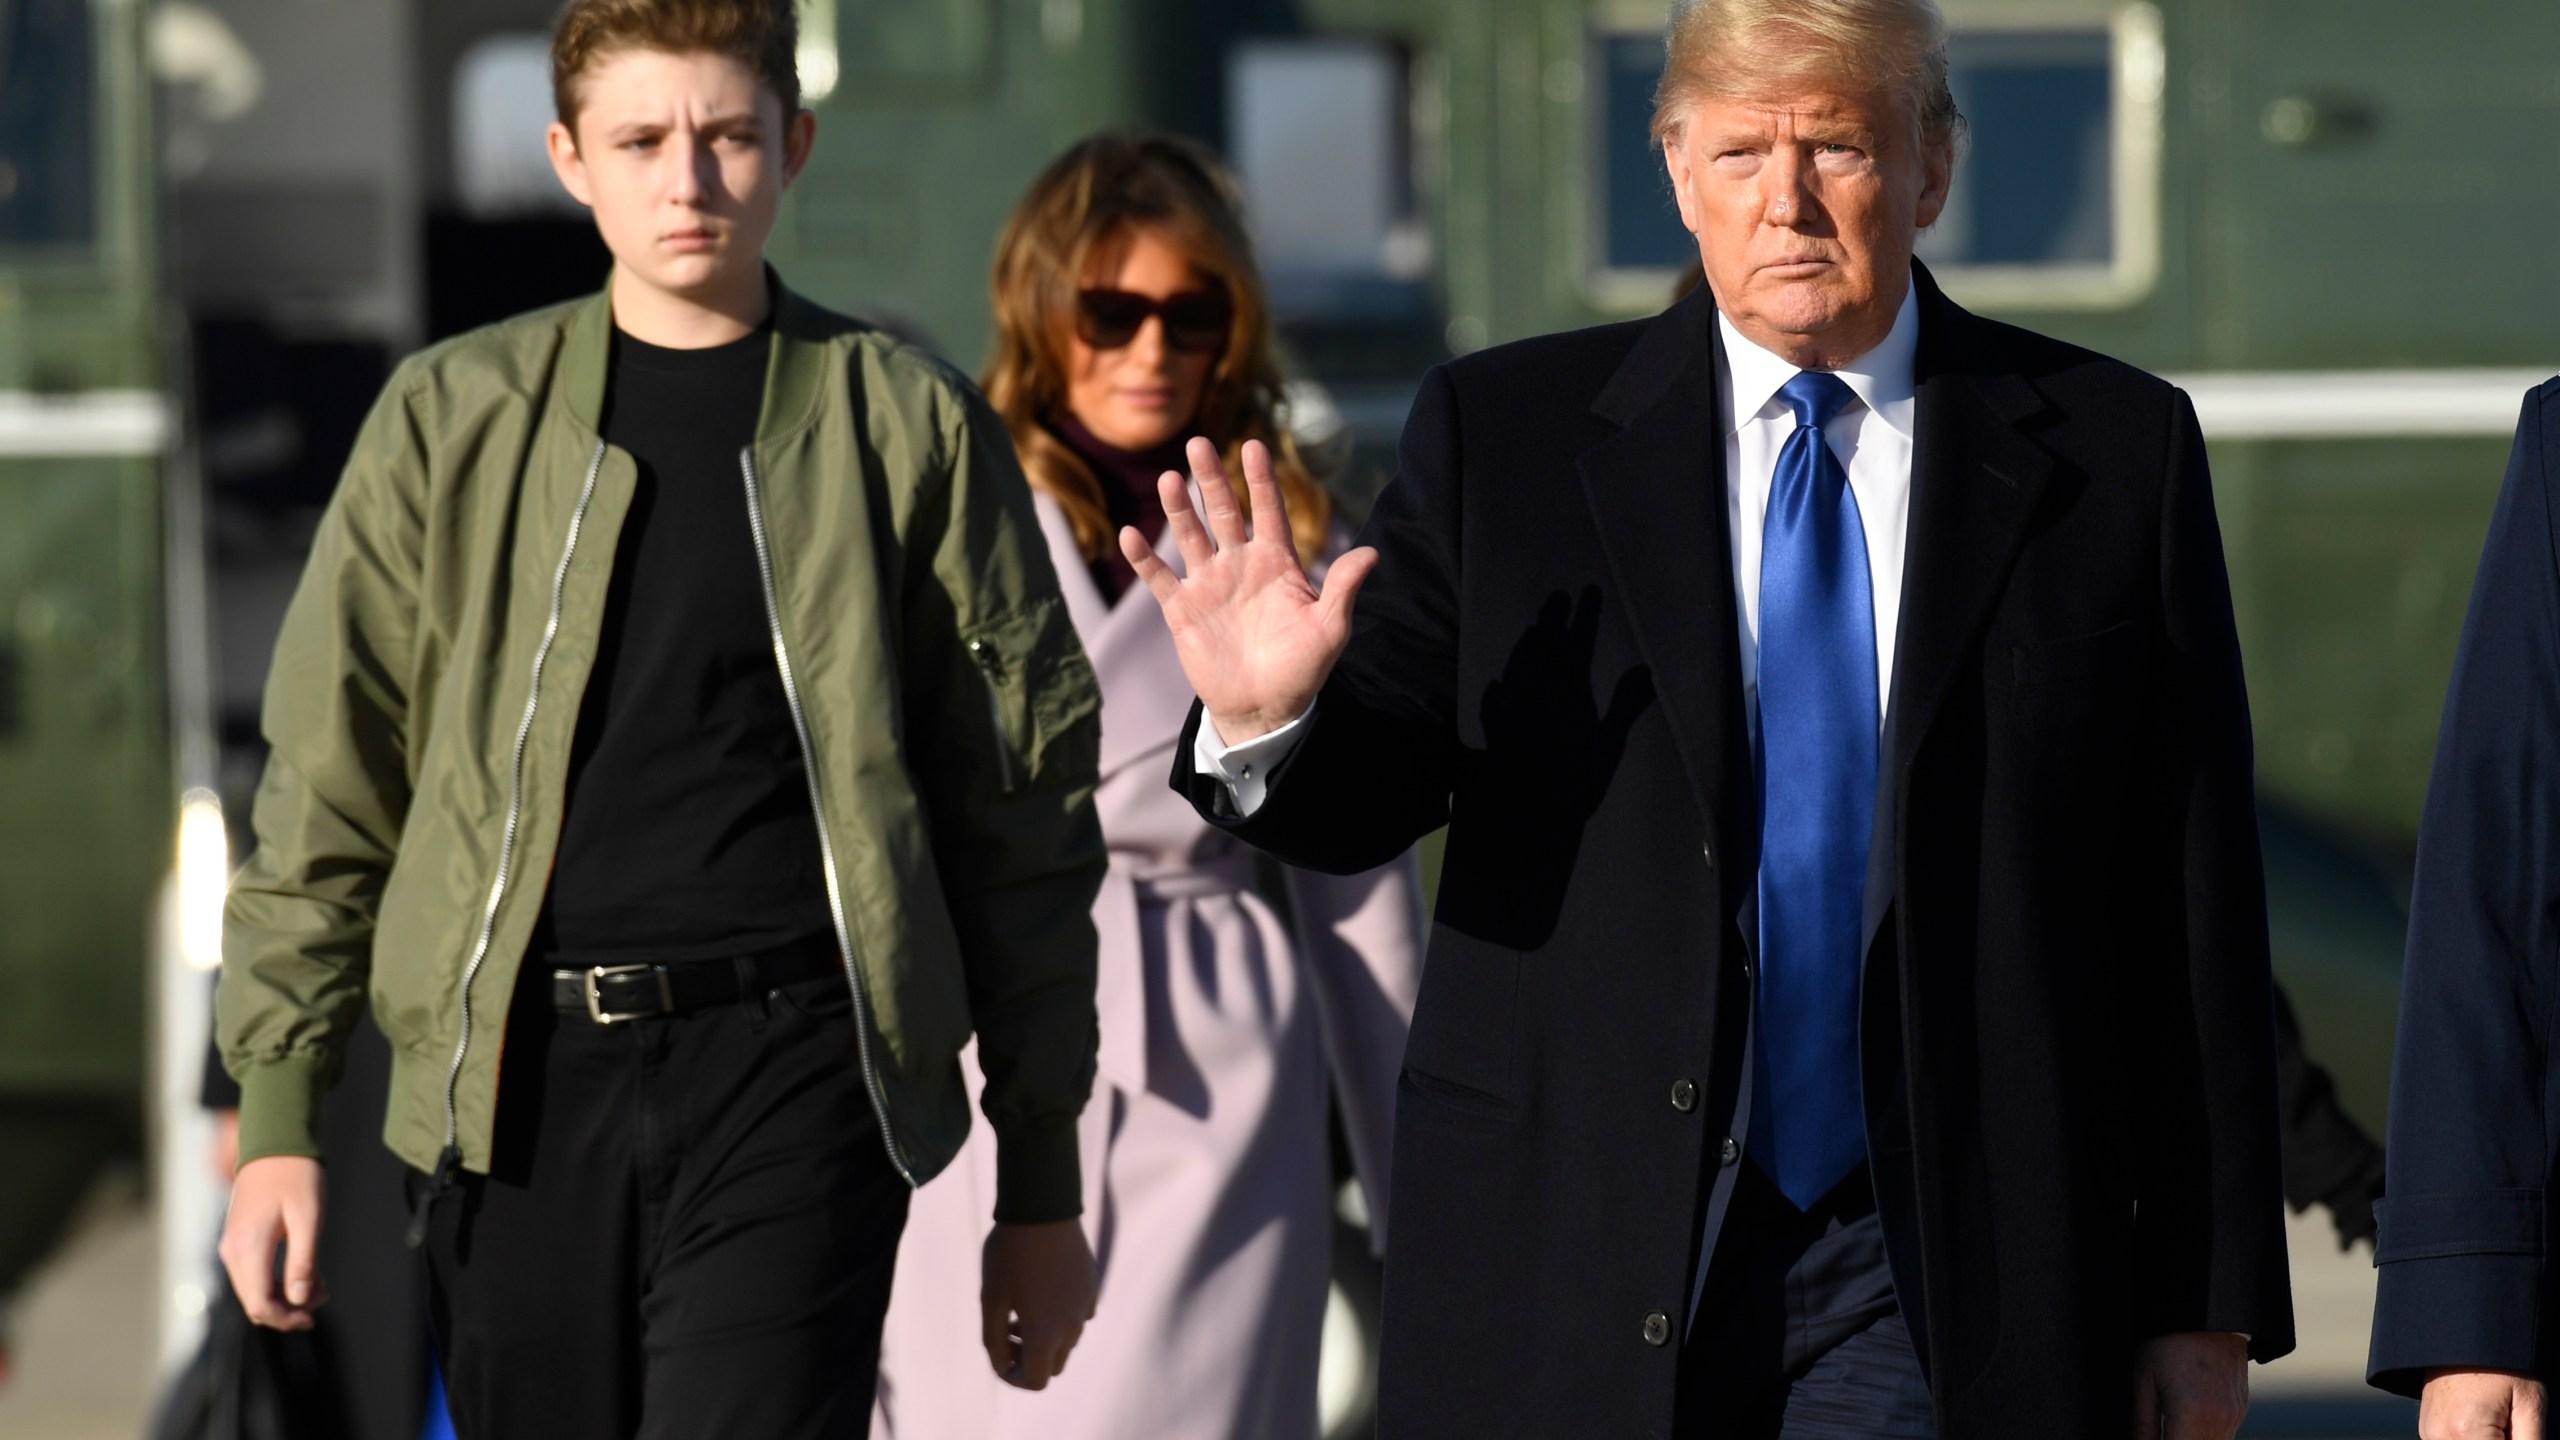 Donald Trump, Melania Trump, Barron Trump